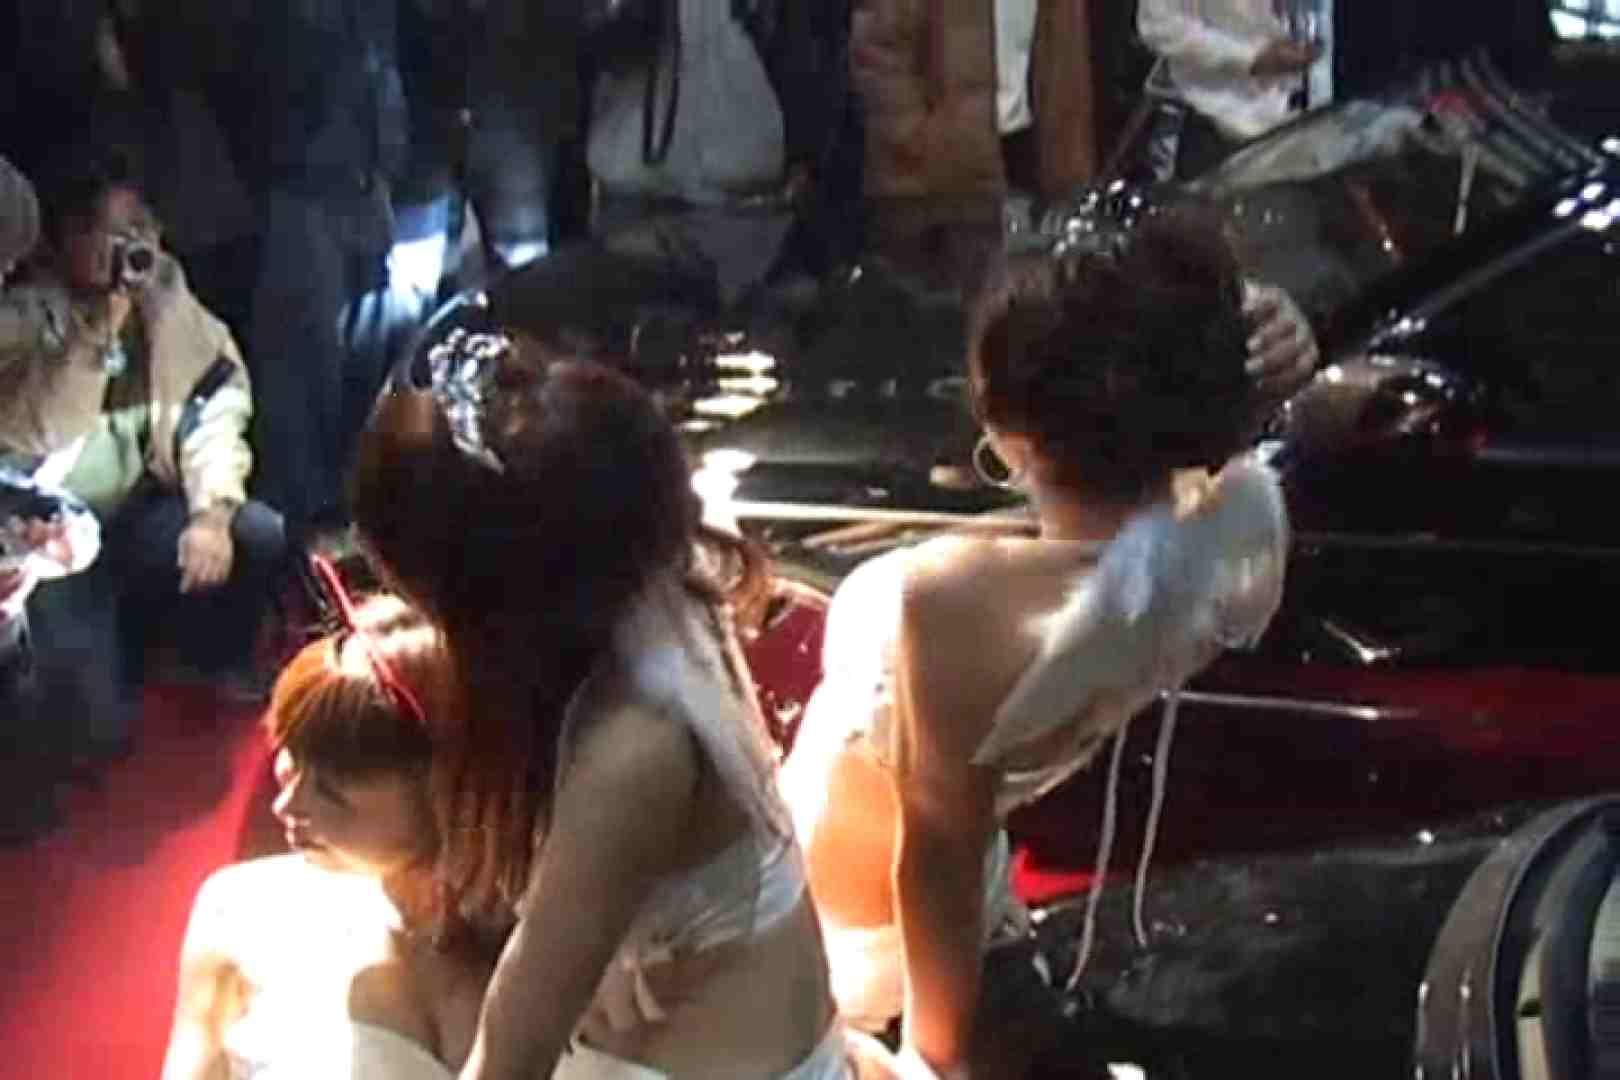 胸チラはもらった~!!胸元争奪戦!!Vol.2 美女 | 胸チラ  37連発 19